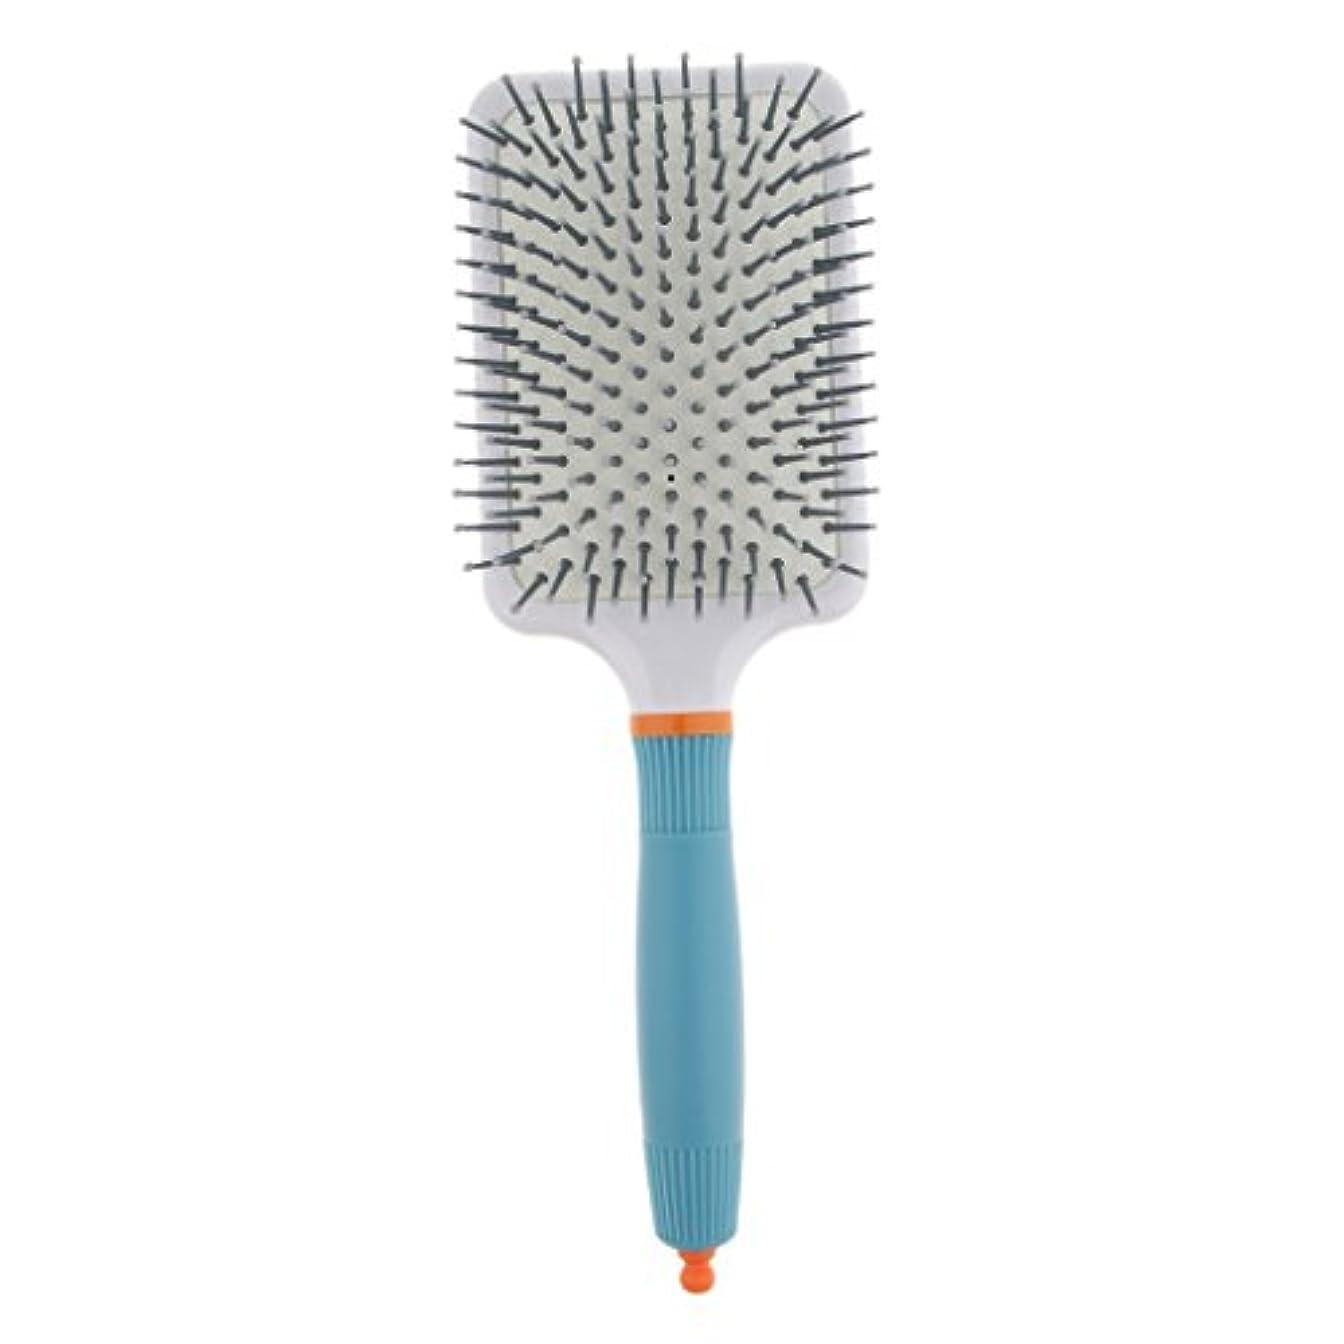 マニュアル手つかずのマントルFenteer 頭皮マッサージ ヘアブラシ 櫛 パドル エアクッション櫛 2色選べる - ライトブルー